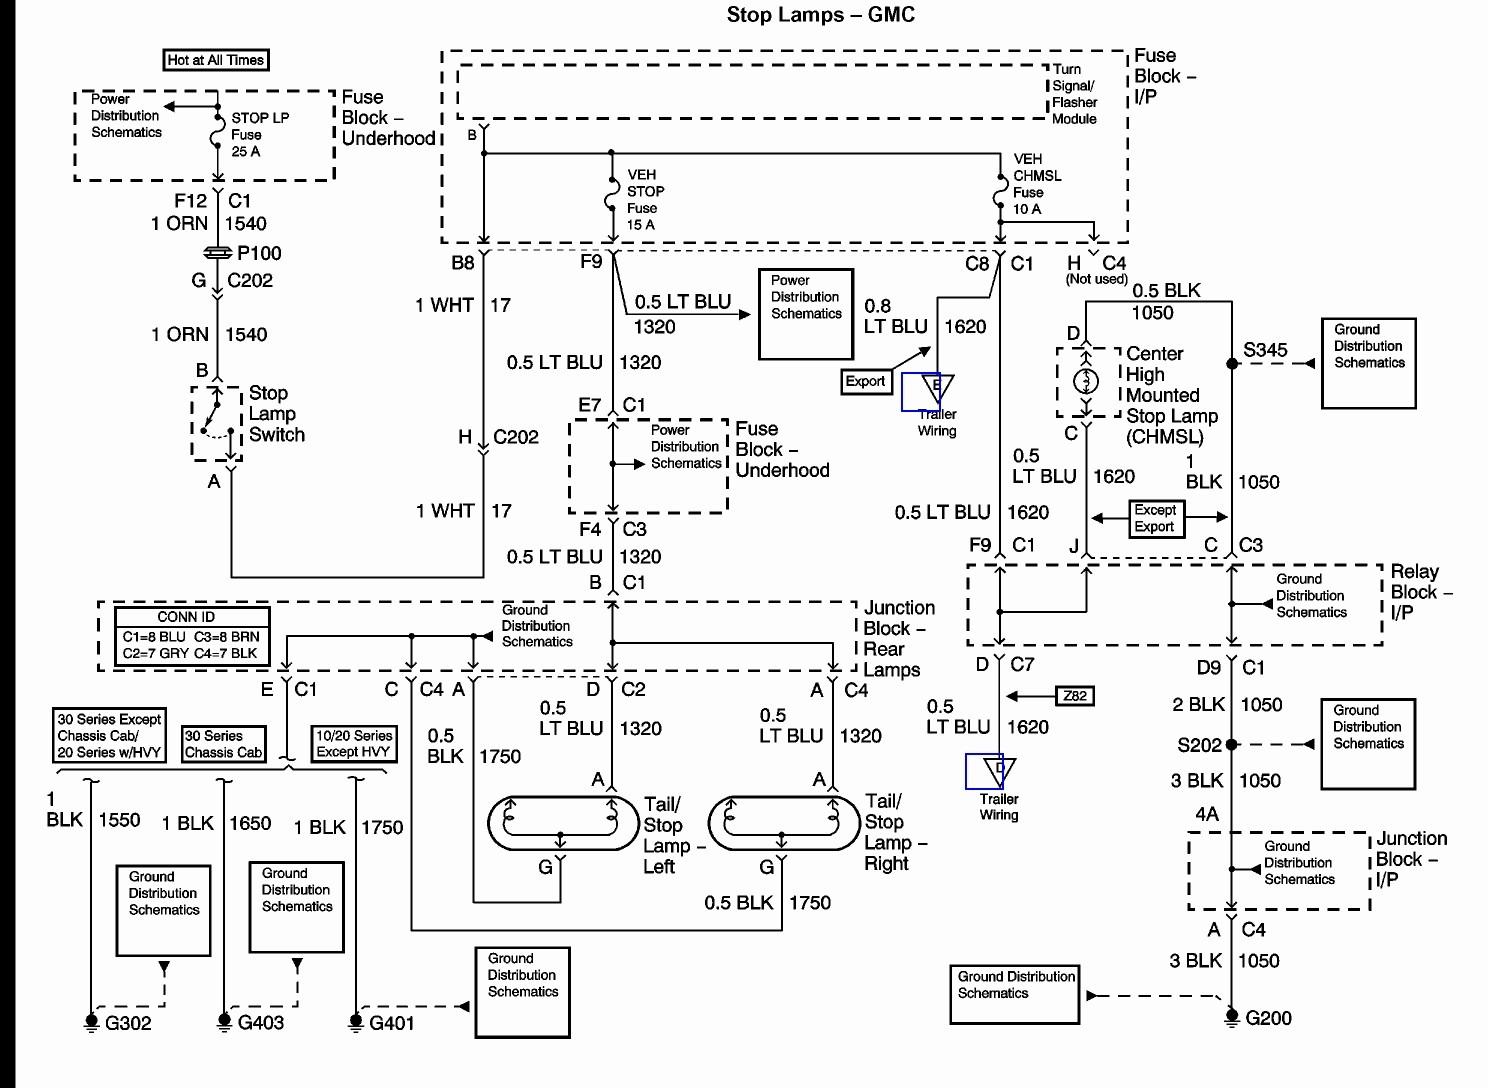 1994 Chevy Truck Brake Light Wiring Diagram Full Size Of Beautiful - 1994 Chevy Truck Brake Light Wiring Diagram